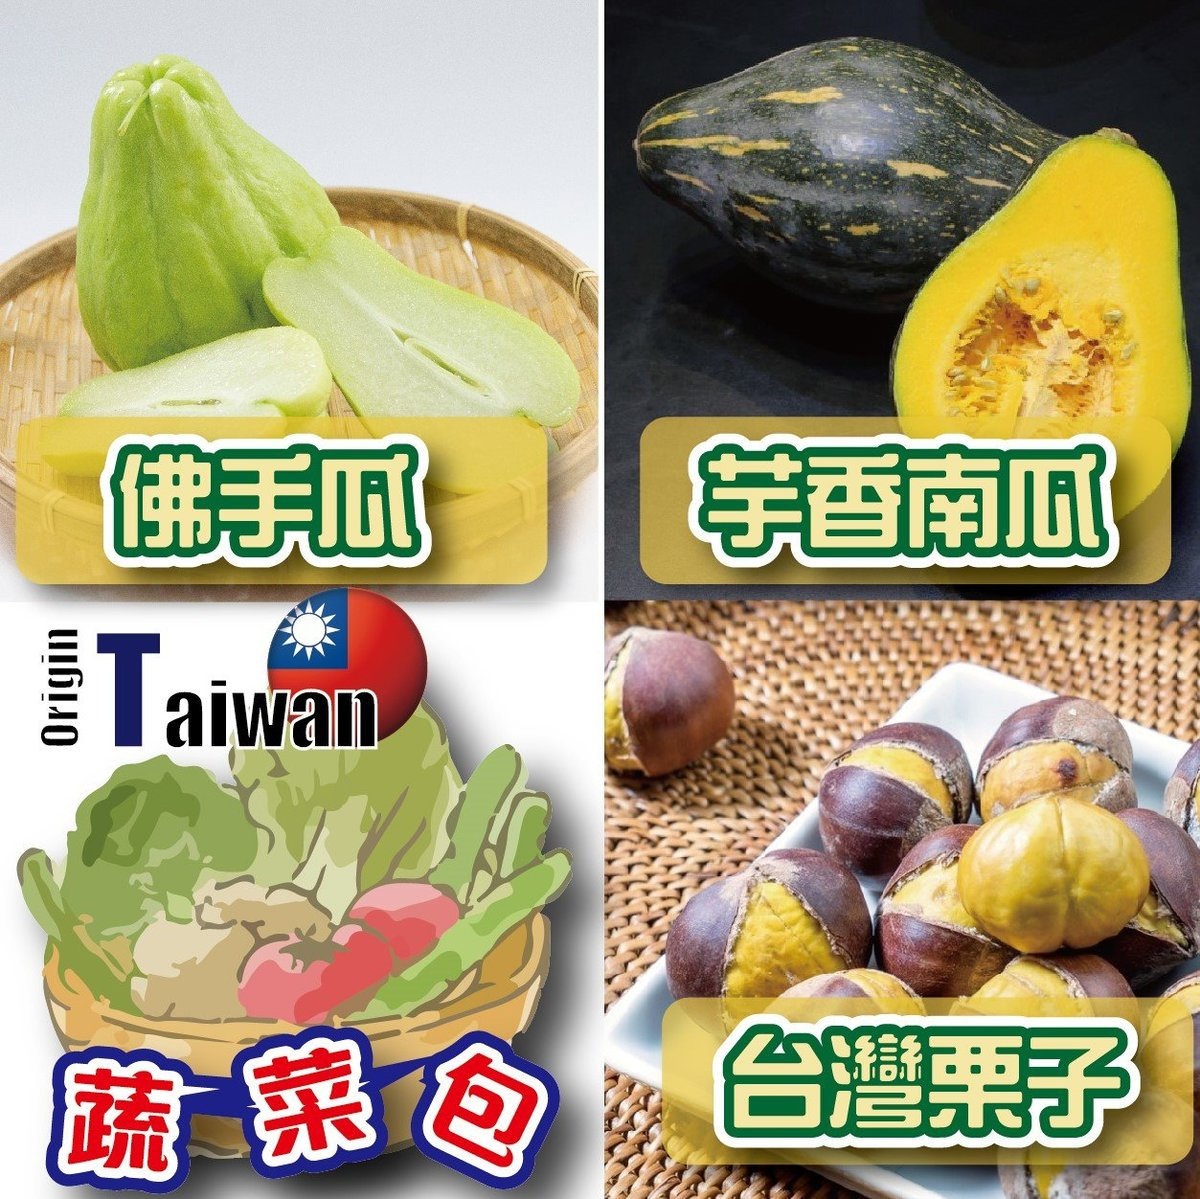 Taiwan 蔬菜包 ( 佛手+栗子+ 芋香南瓜) (共重1.7-2KGS)